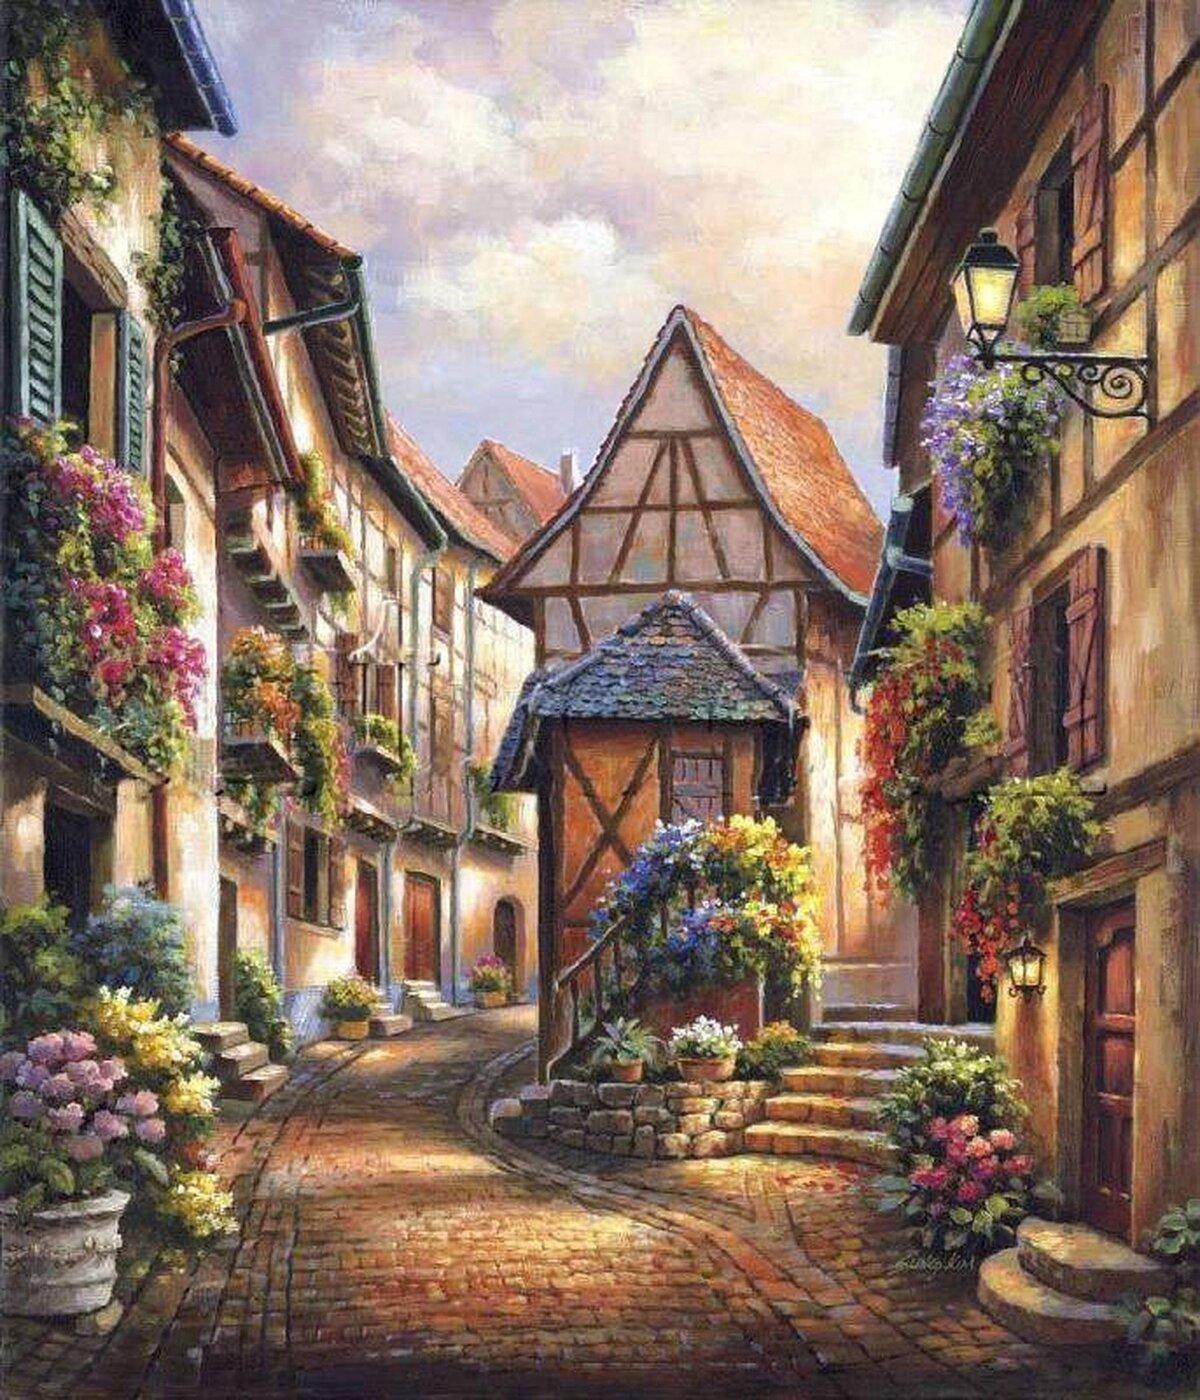 человек картинки домики и улицы для